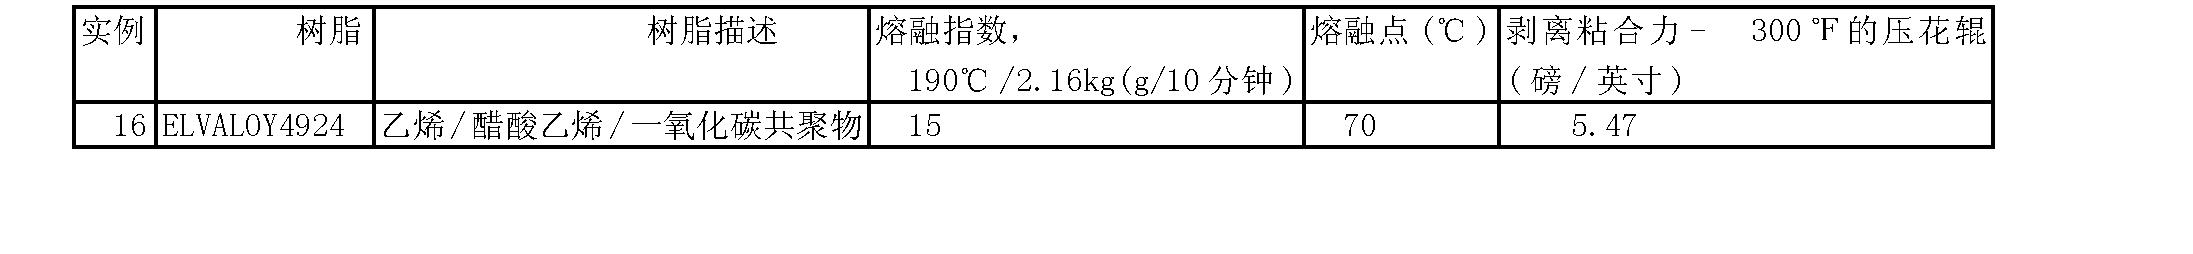 Figure CN101421646BD00162